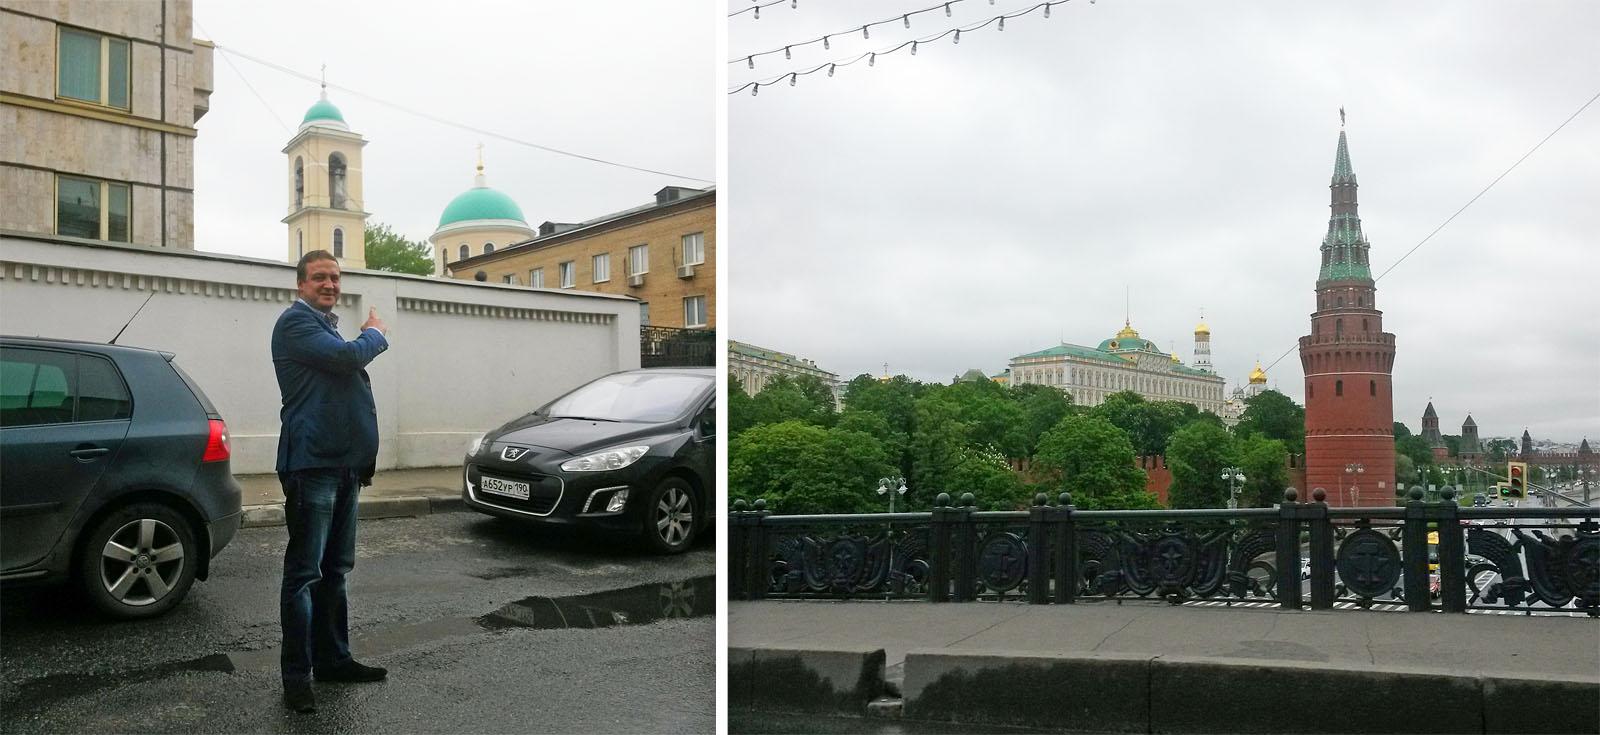 С утреца прохватили по Москве. Все успели.